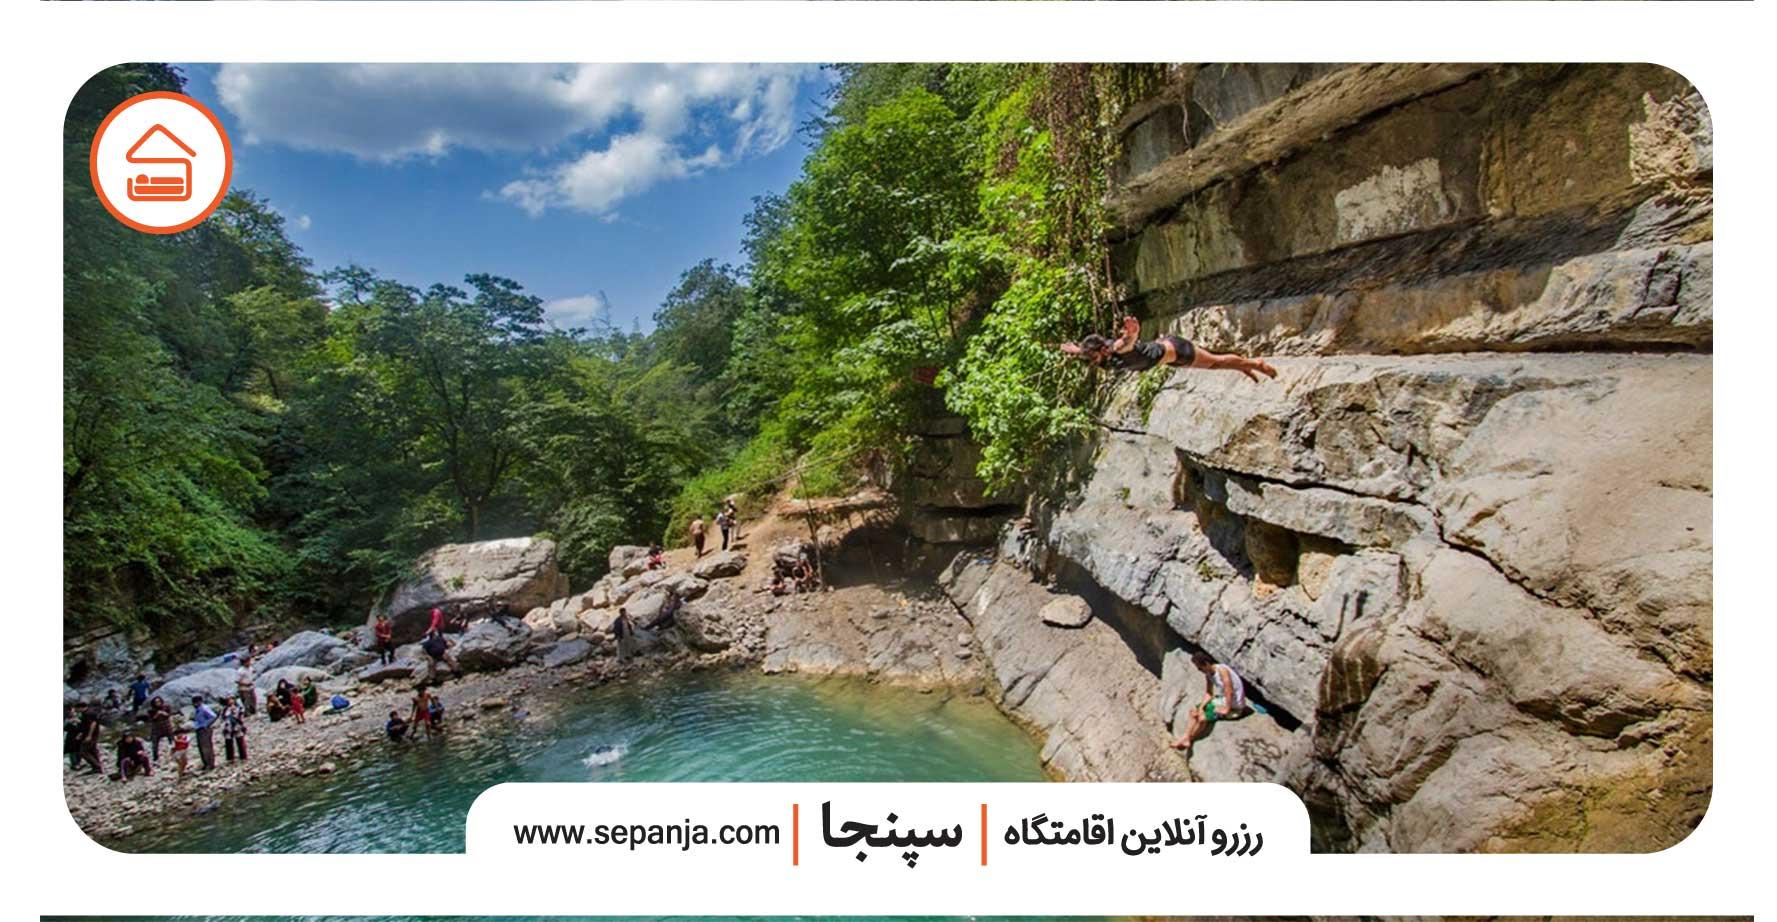 آبشارهای شیرآباد از دیدنی های استان گلستان